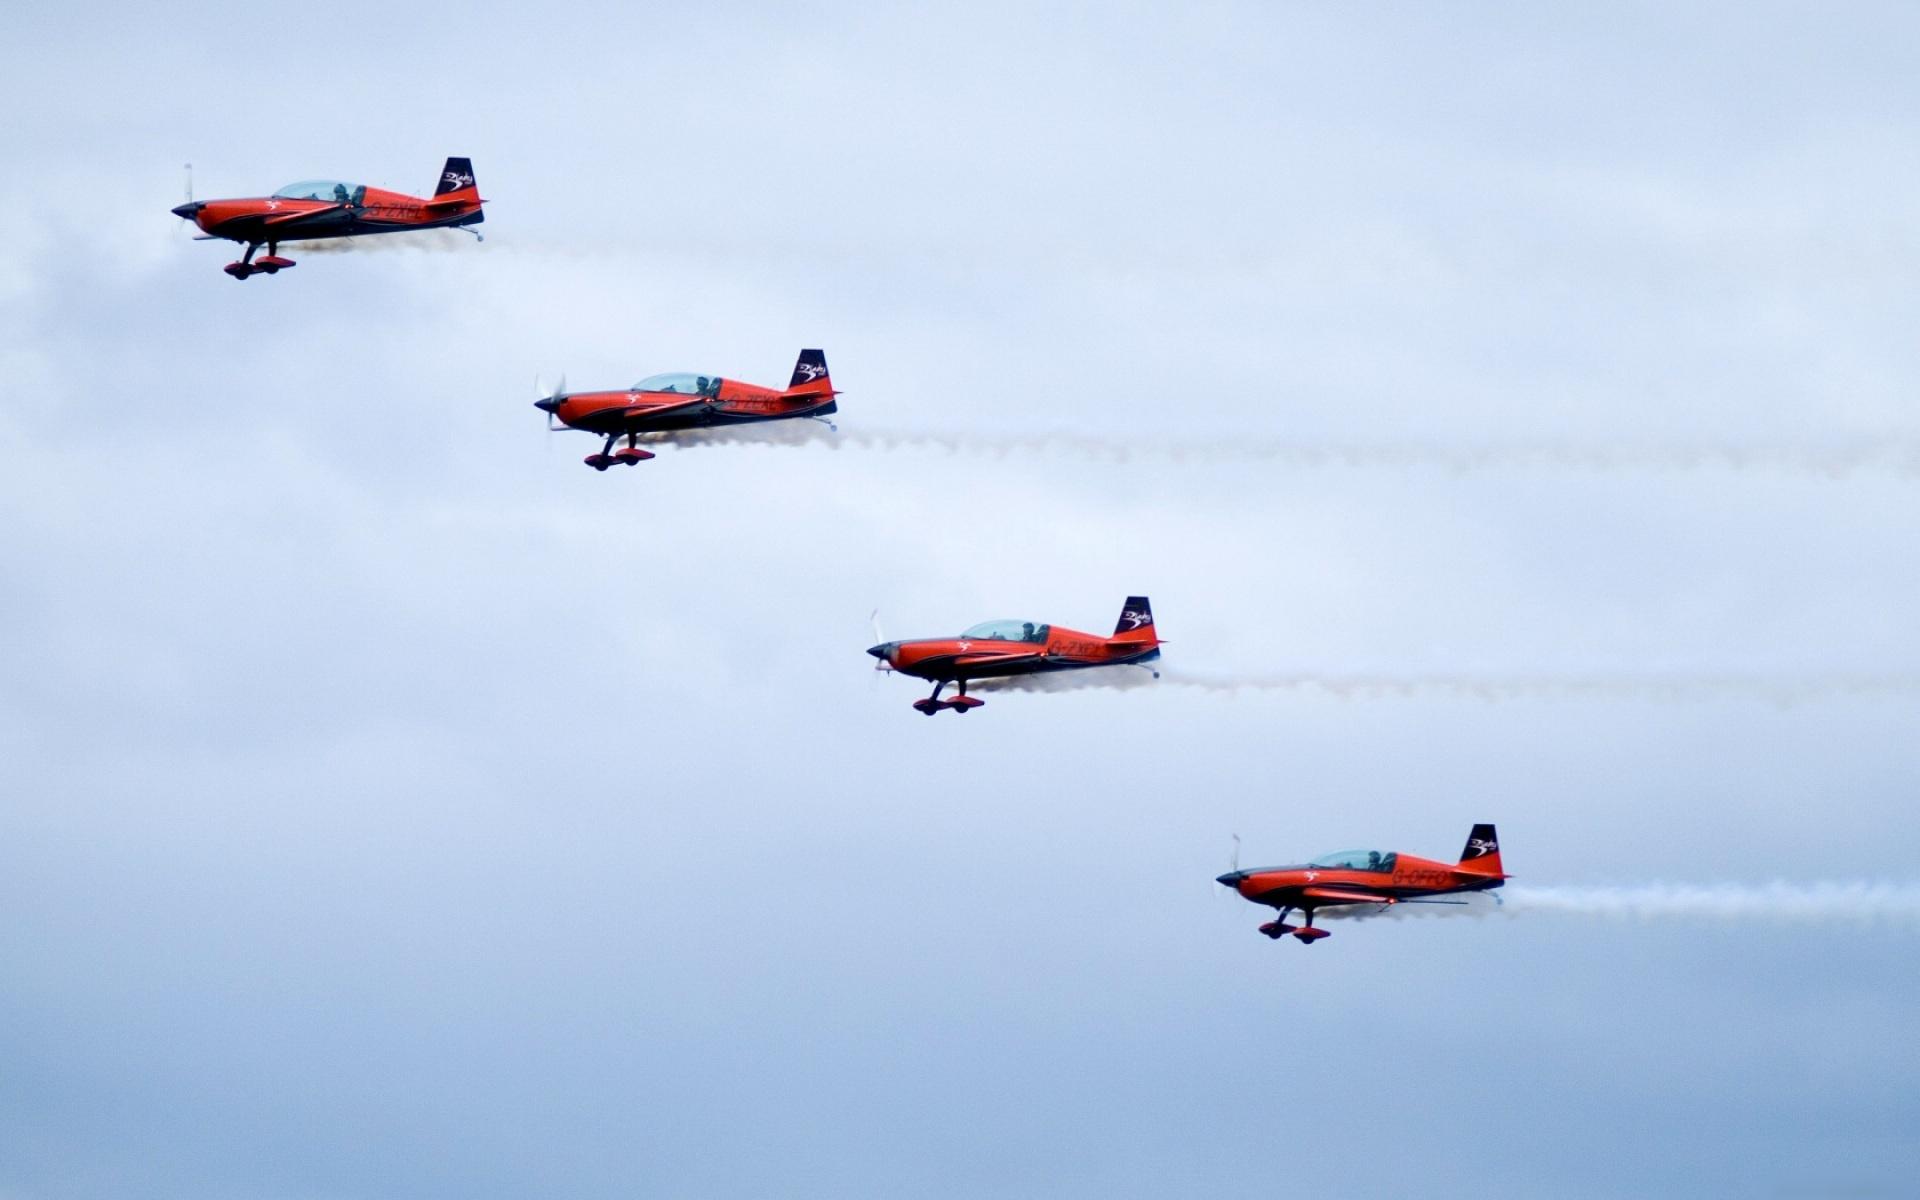 Группа красных самолетов на шоу бесплатно